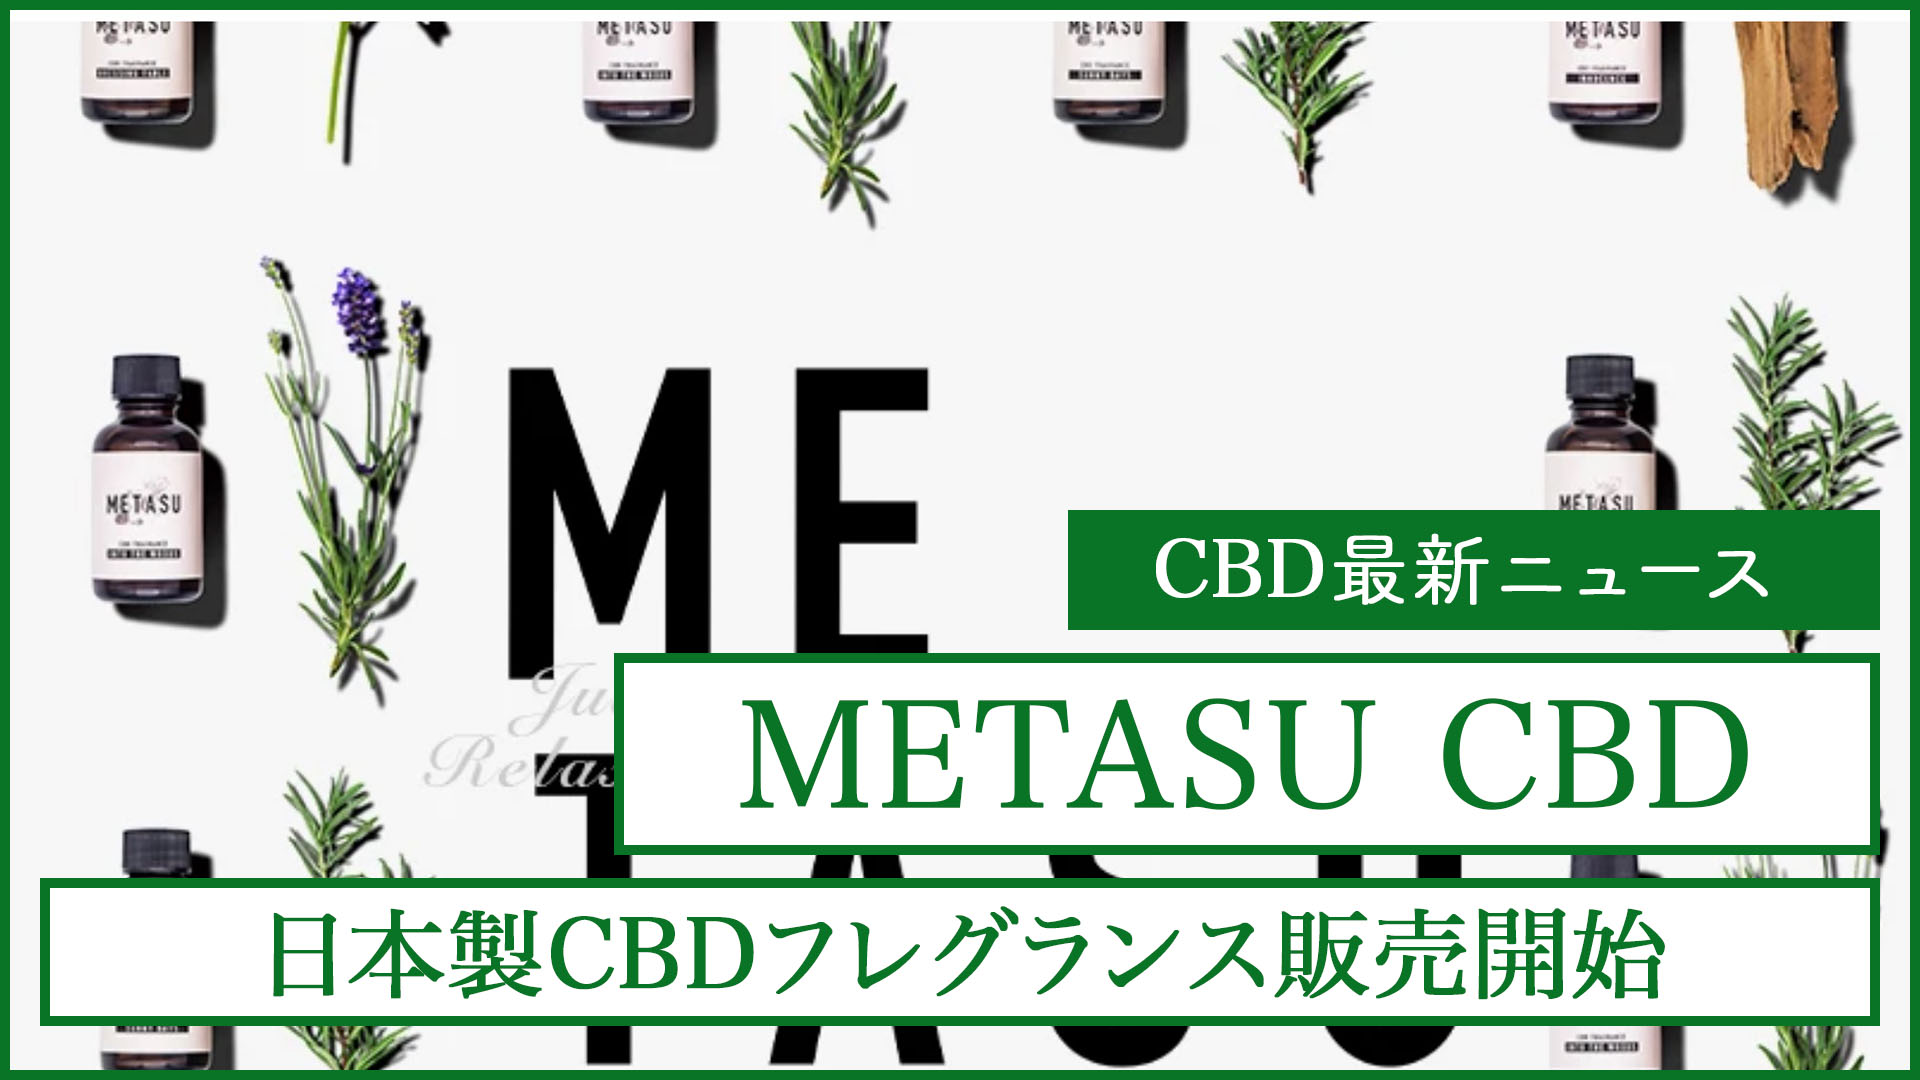 新製品CBDフレグランスは日本でブームになるか?